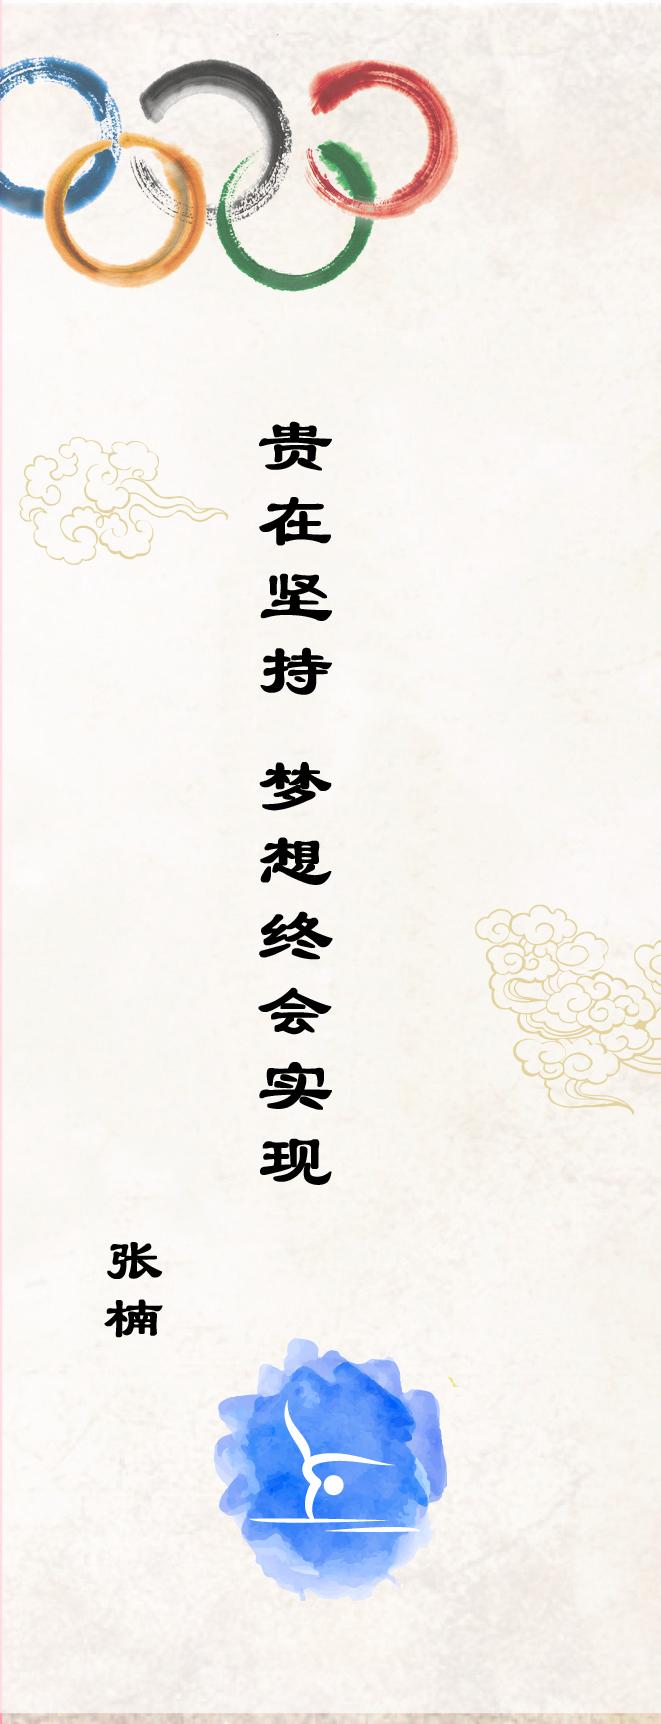 张楠:贵在坚持 梦想终会实现